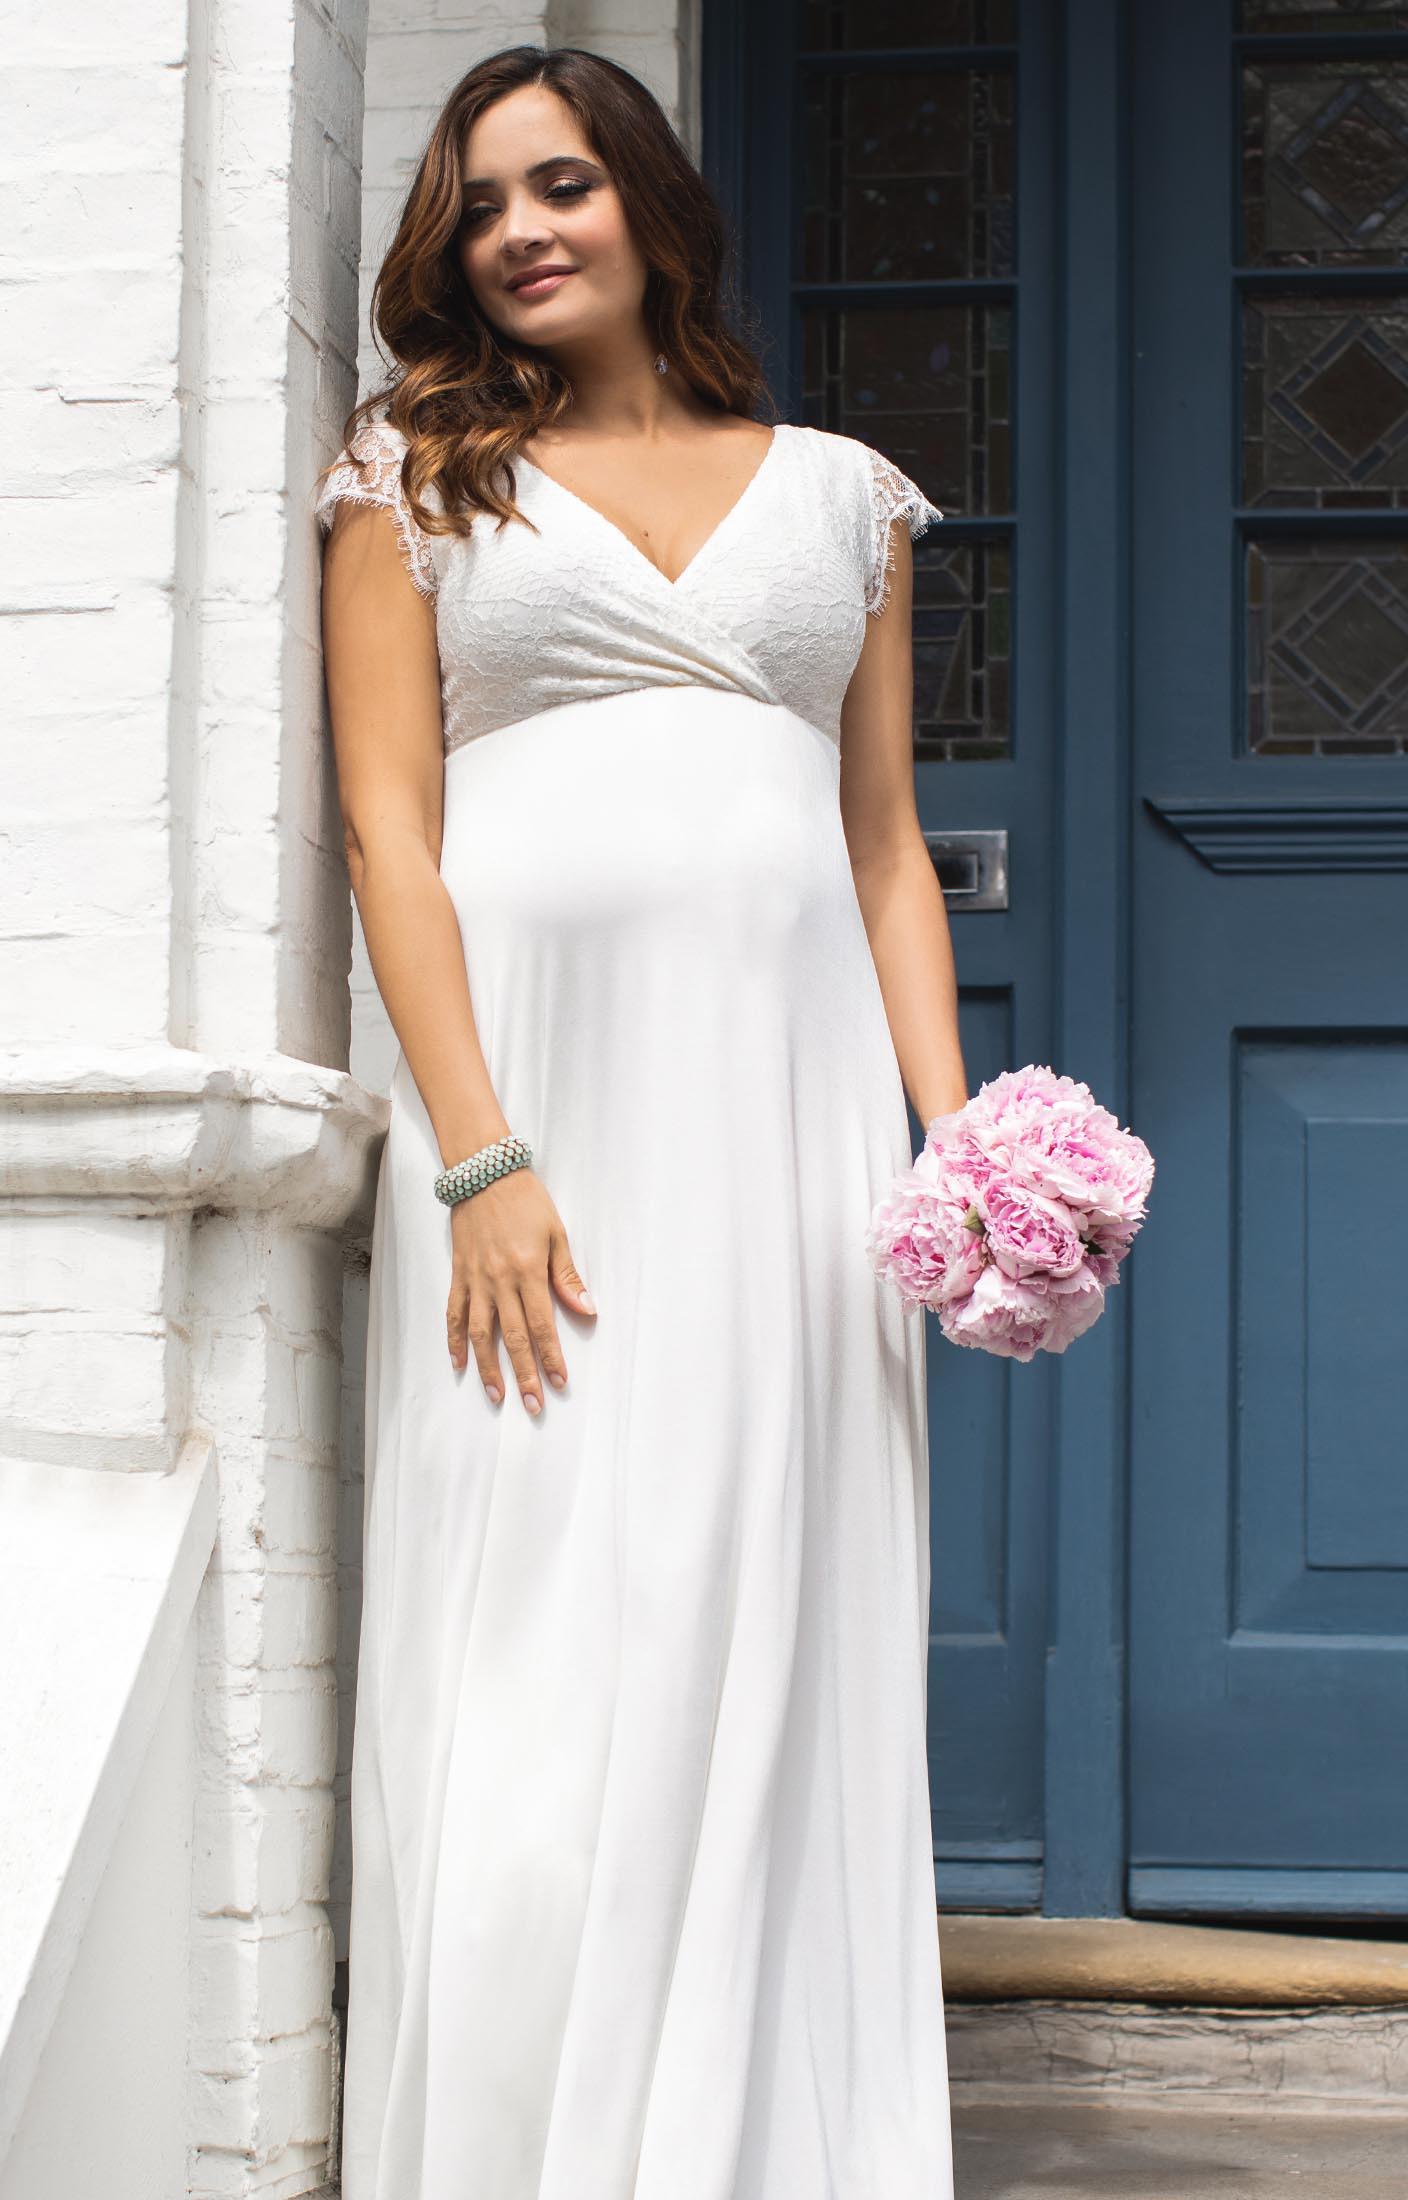 20 Einfach Abendkleid Weiß Bester Preis Schön Abendkleid Weiß Ärmel